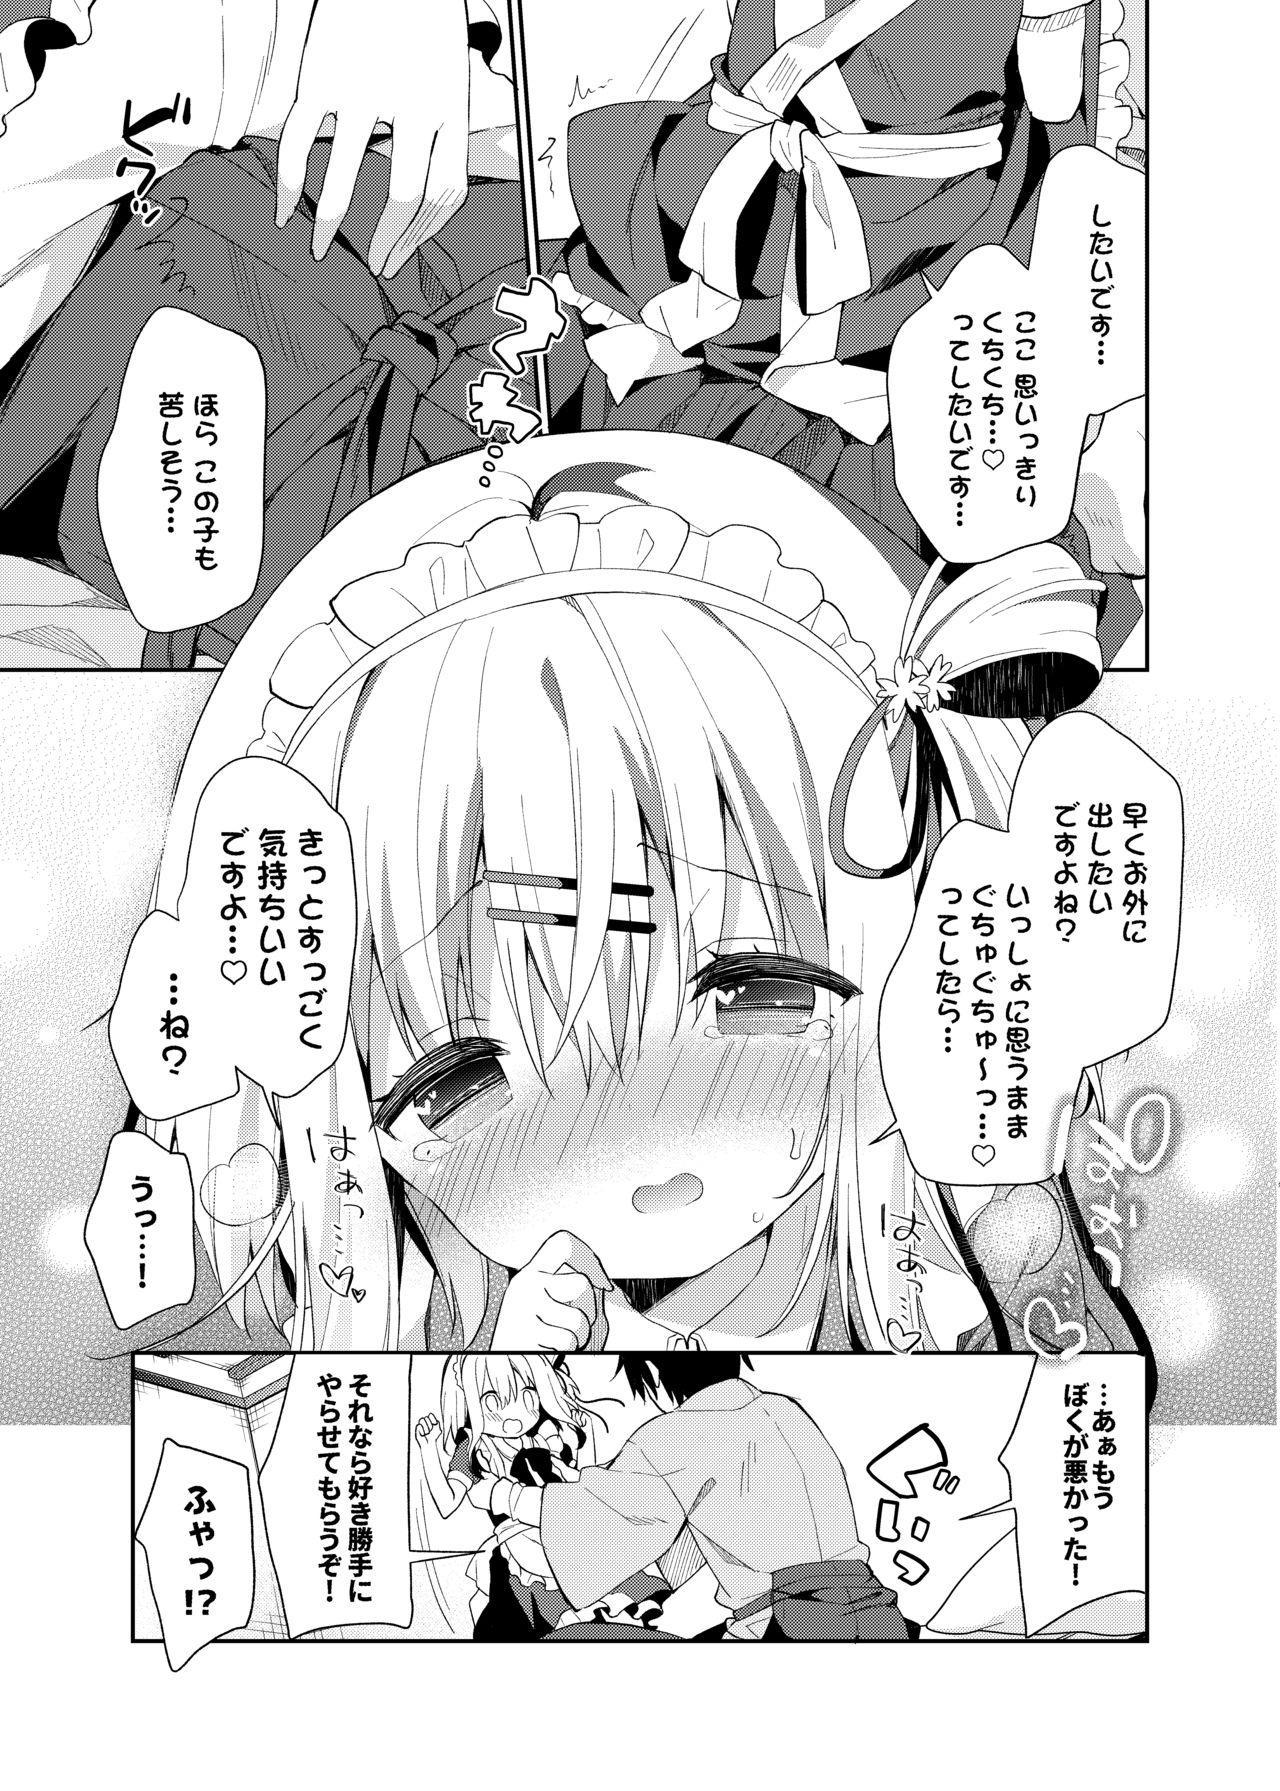 Onnanoko no Mayu Soushuuhen 01 48